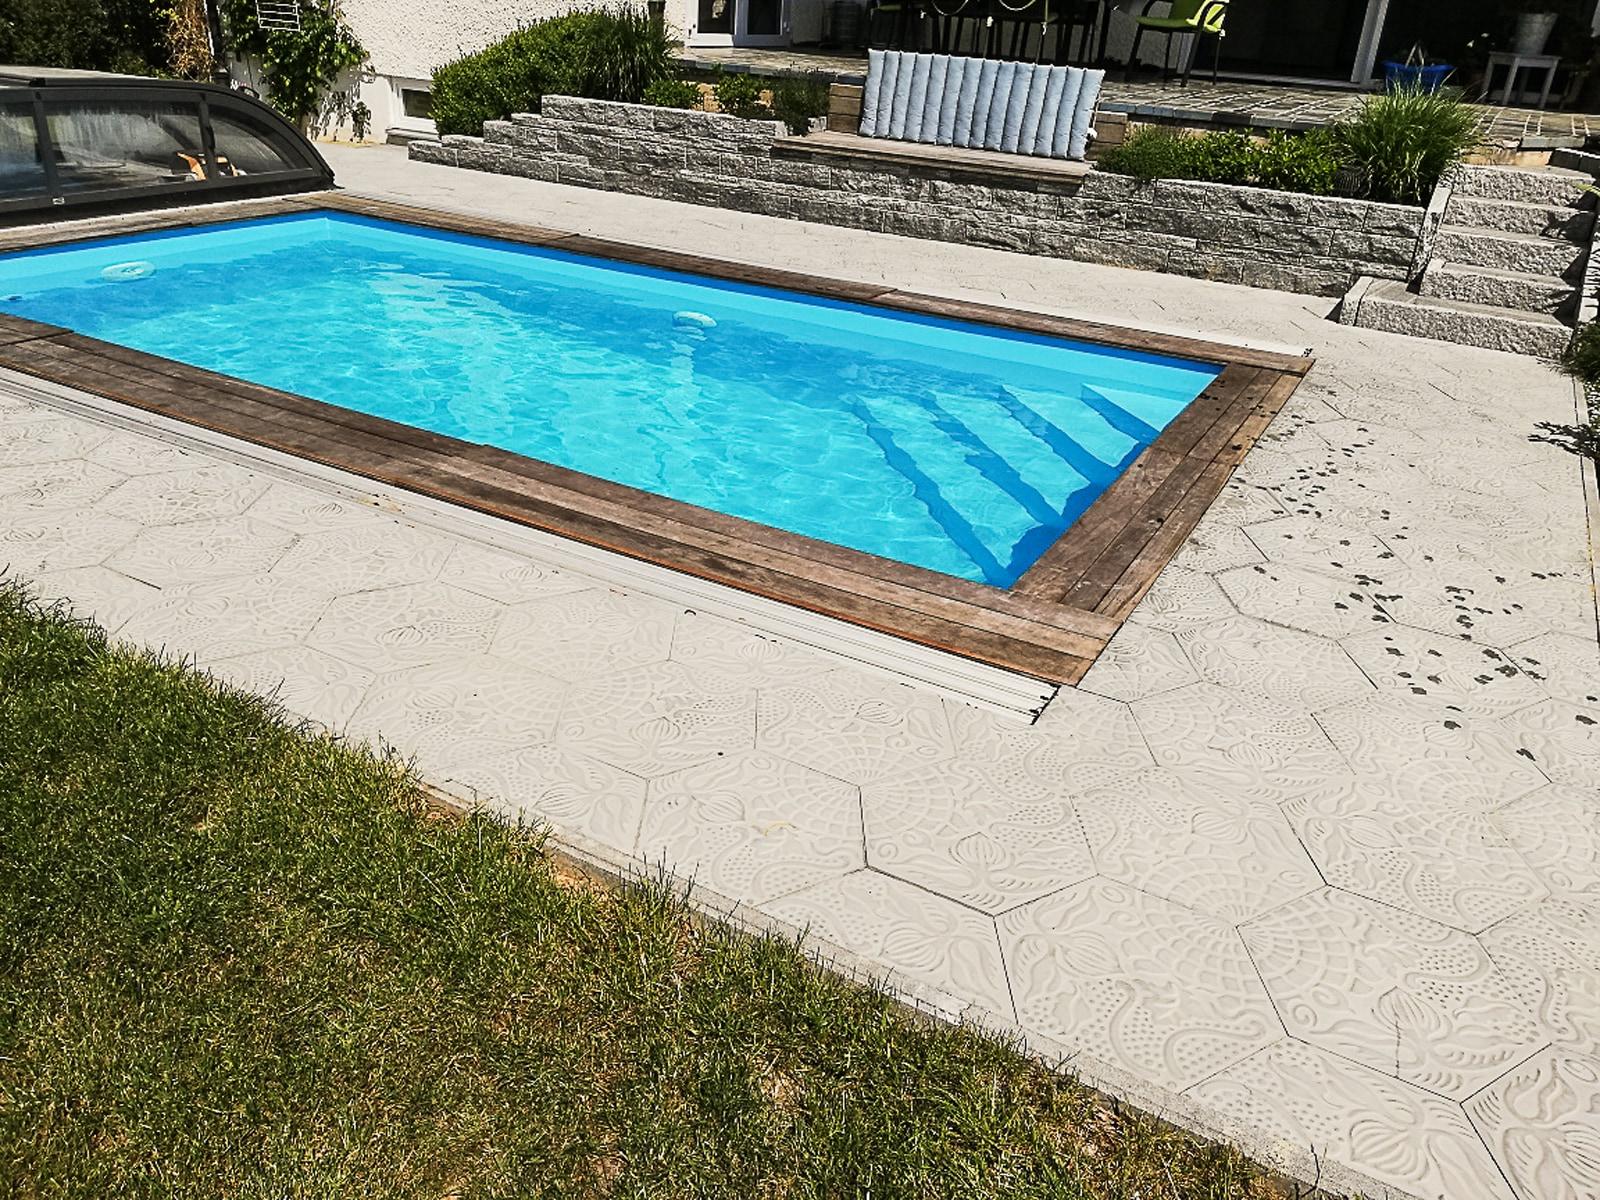 trottoirplatten-AP02-schwimmbad©buchner-via-viaplatten |